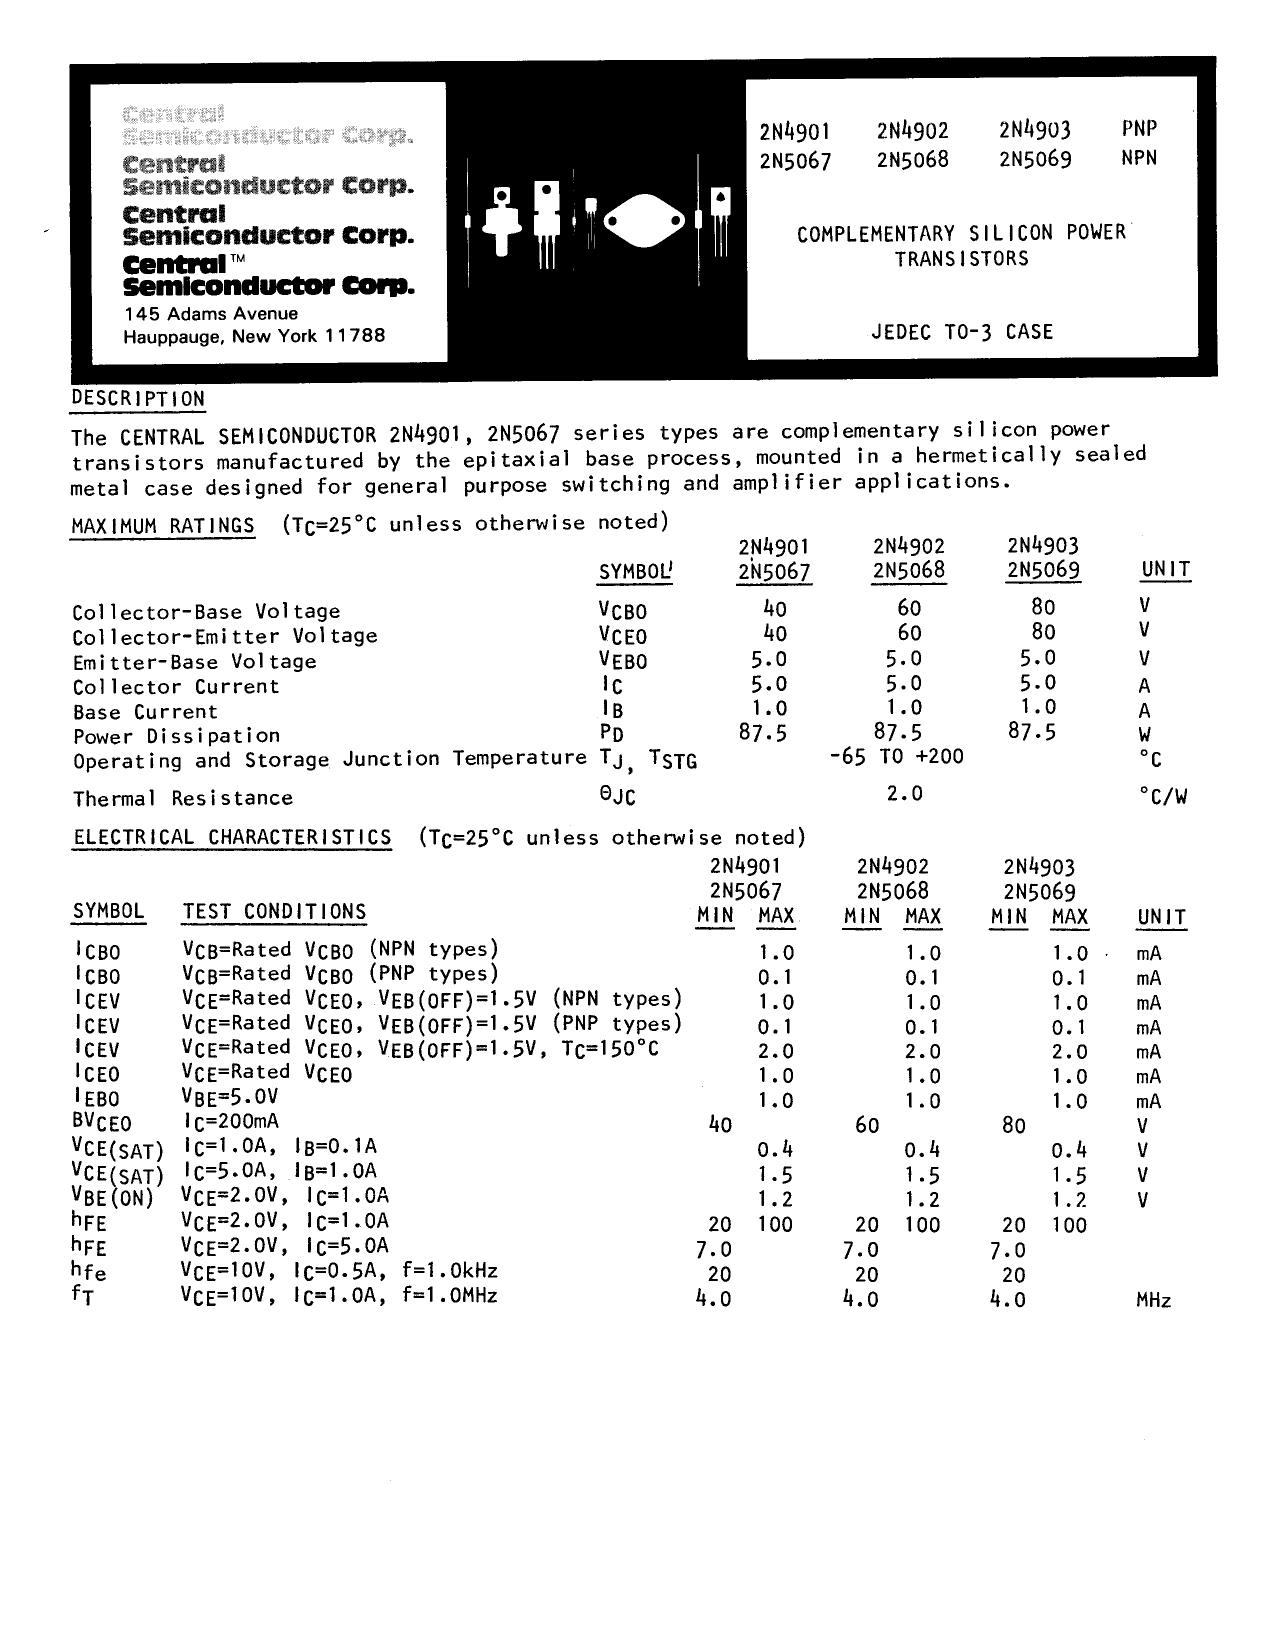 2N5069 دیتاشیت PDF